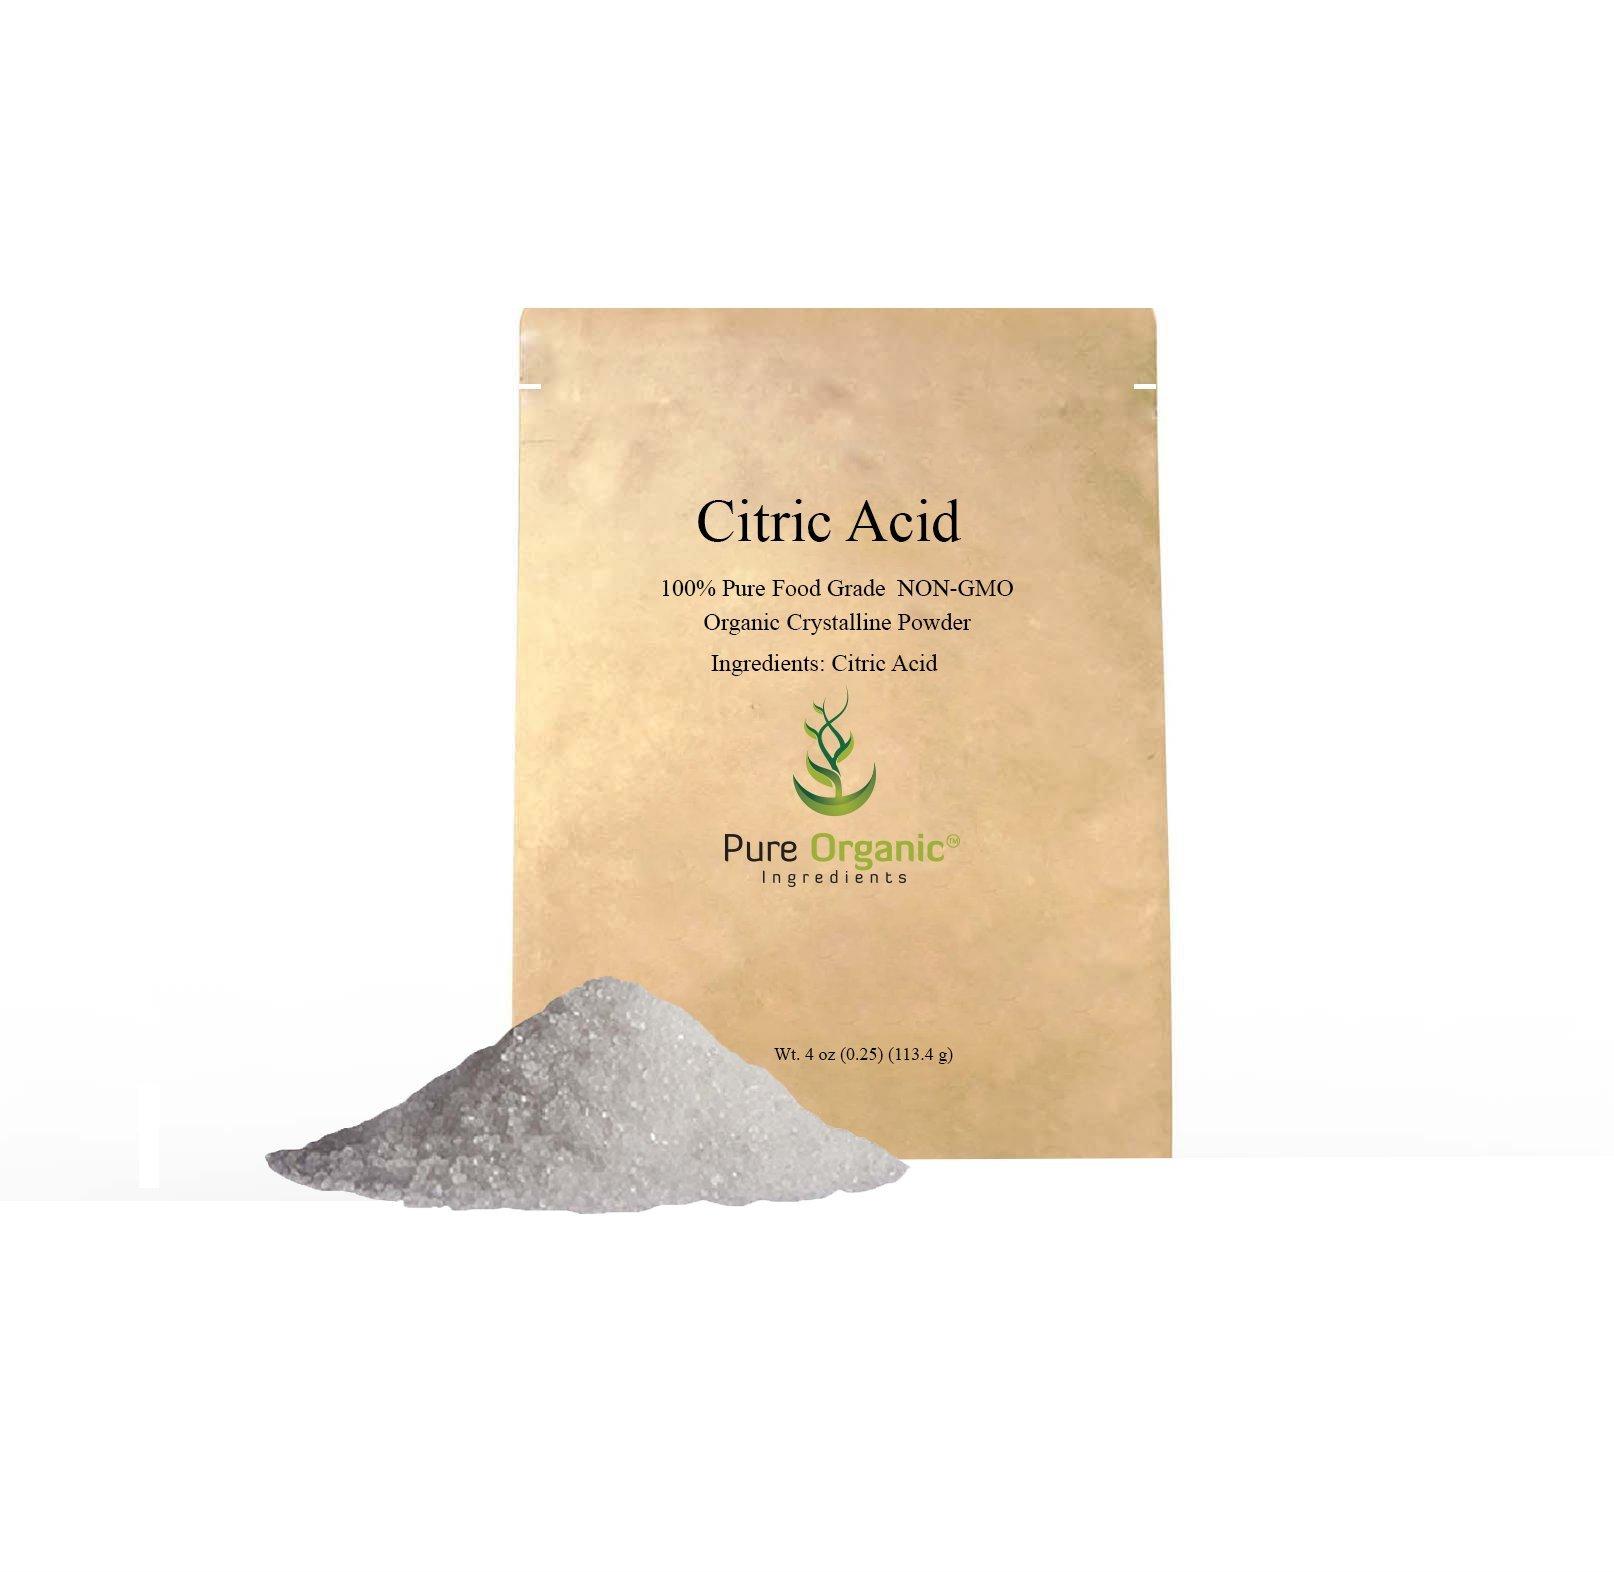 Pure Citric Acid (2 lb (32 oz) 100% Food grade powder (Also available in 4 oz, 11 oz, 1 lb, & 55 lb)